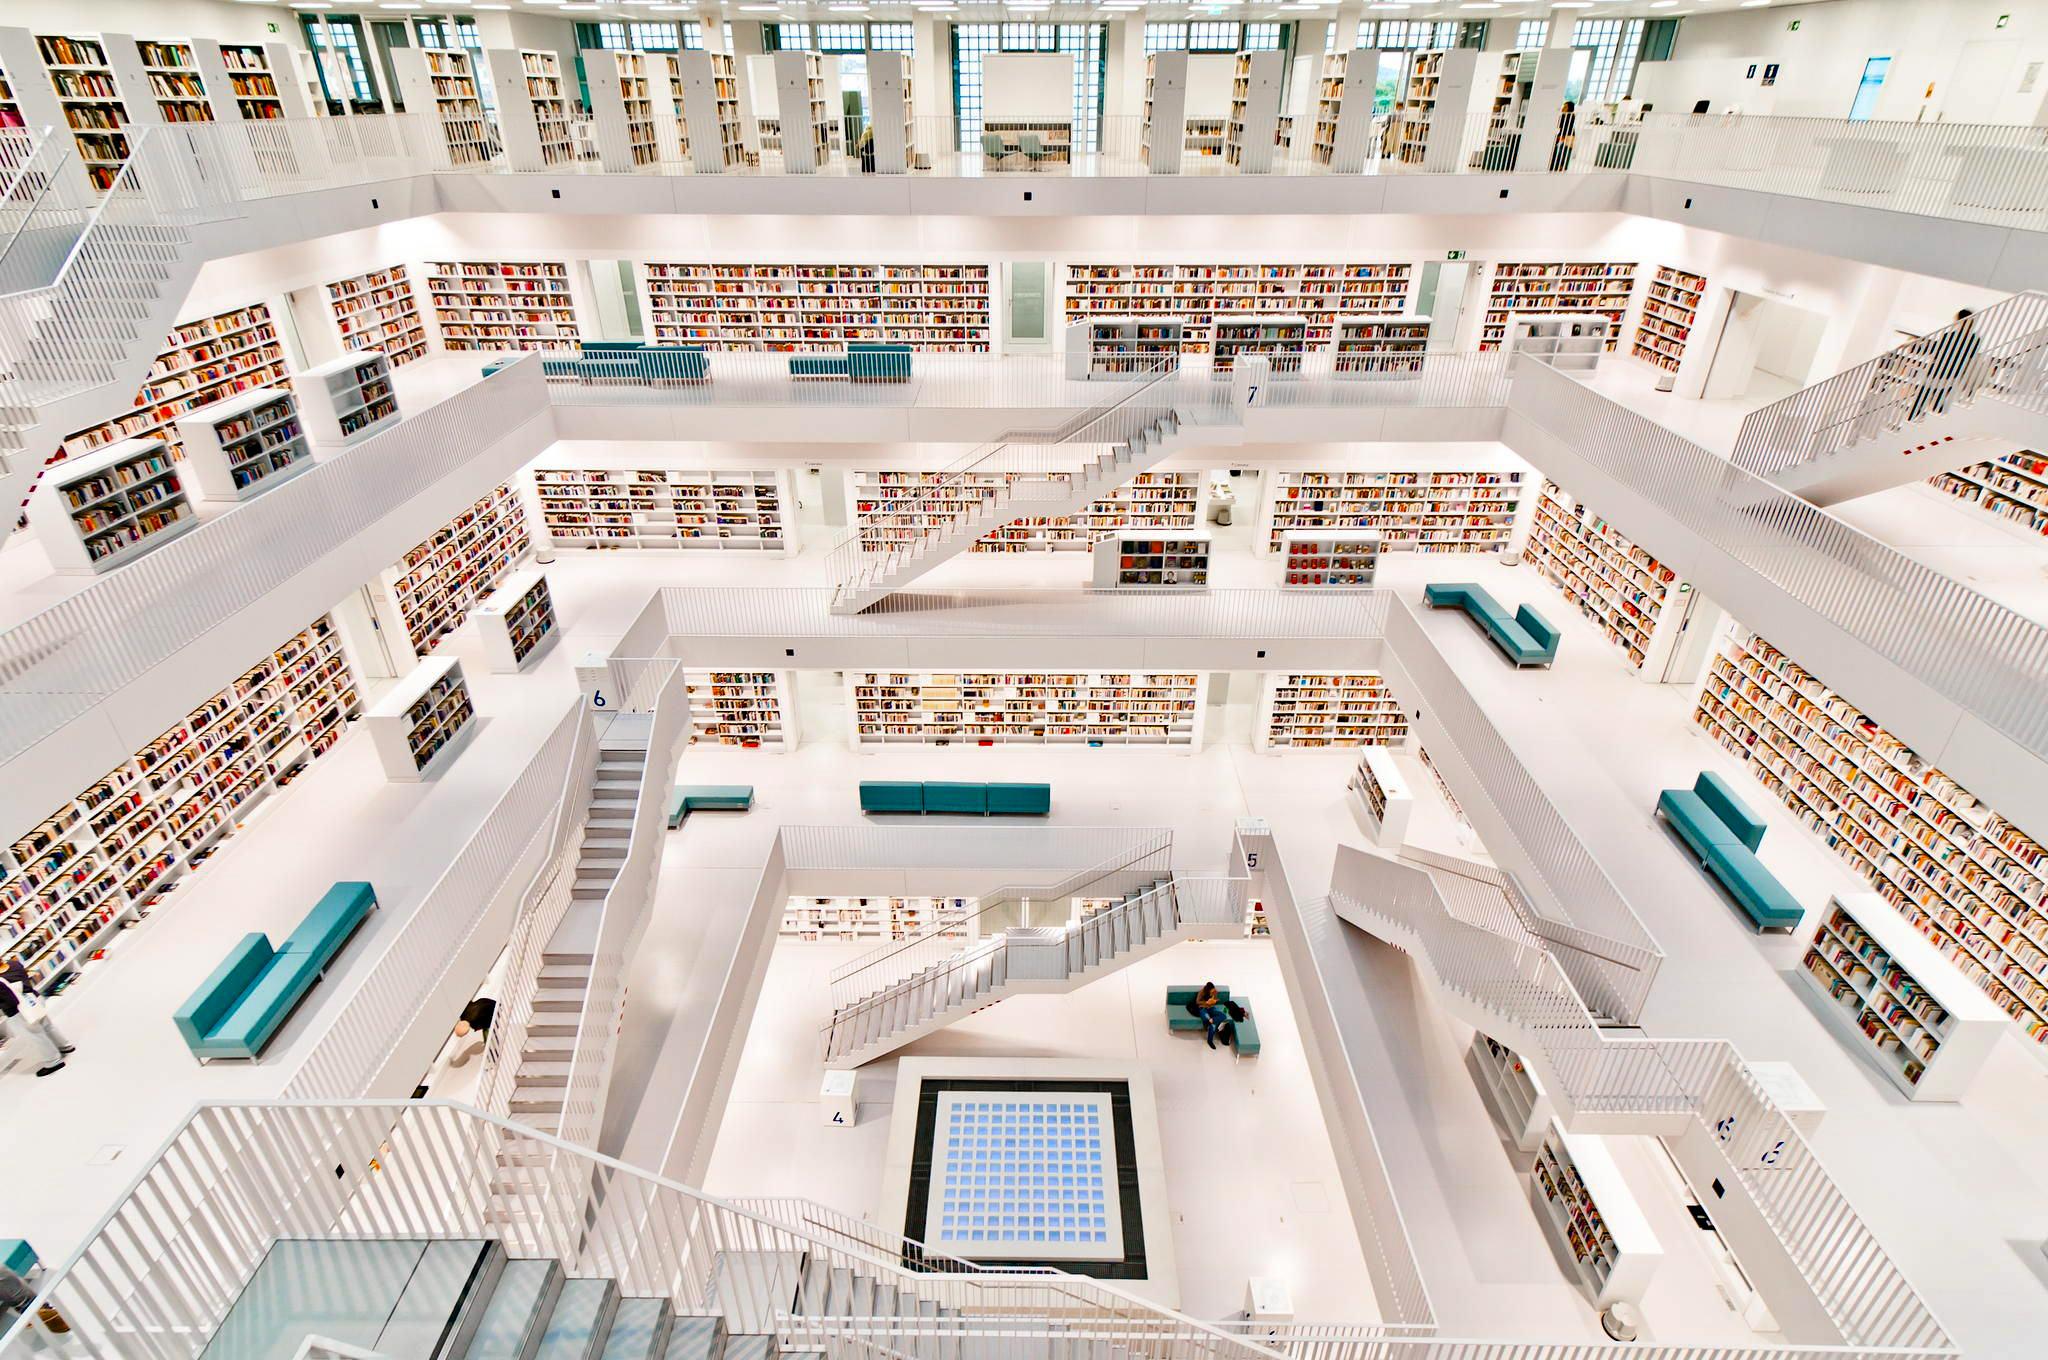 bibliothek4.jpg